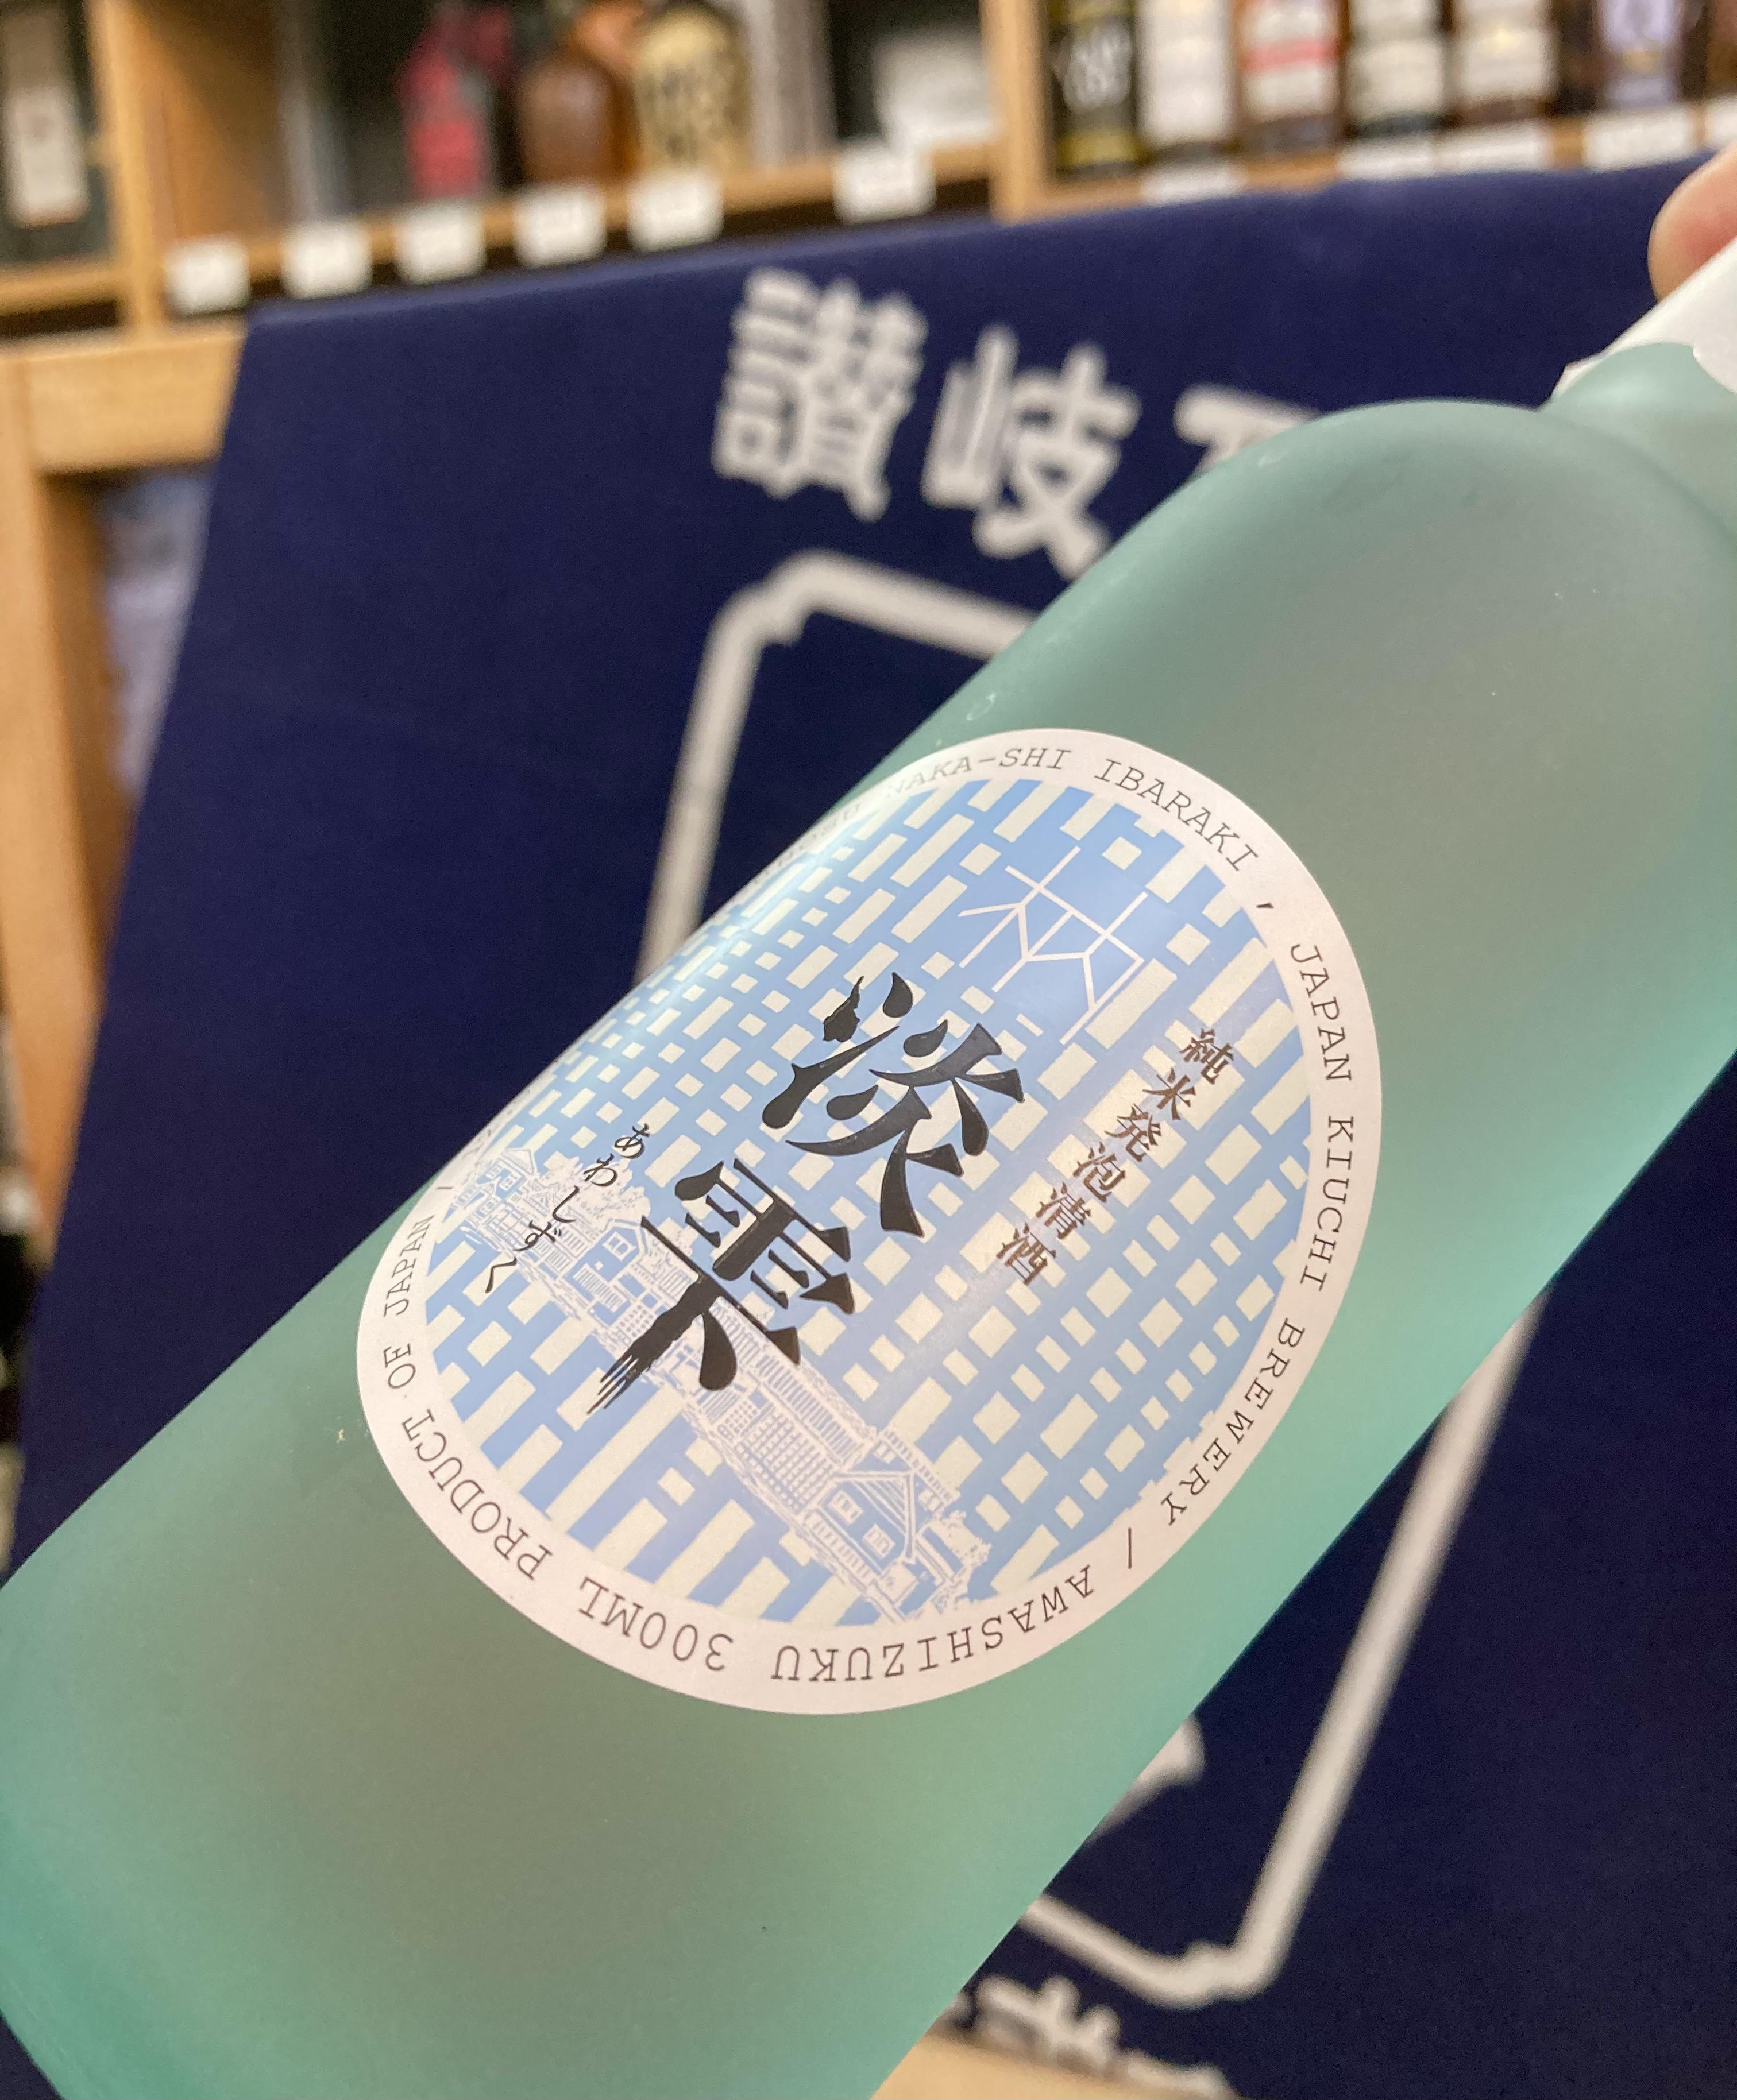 暑くなる季節にピッタリな大人のサイダー♪ 『木内 淡雫 純米発泡清酒』